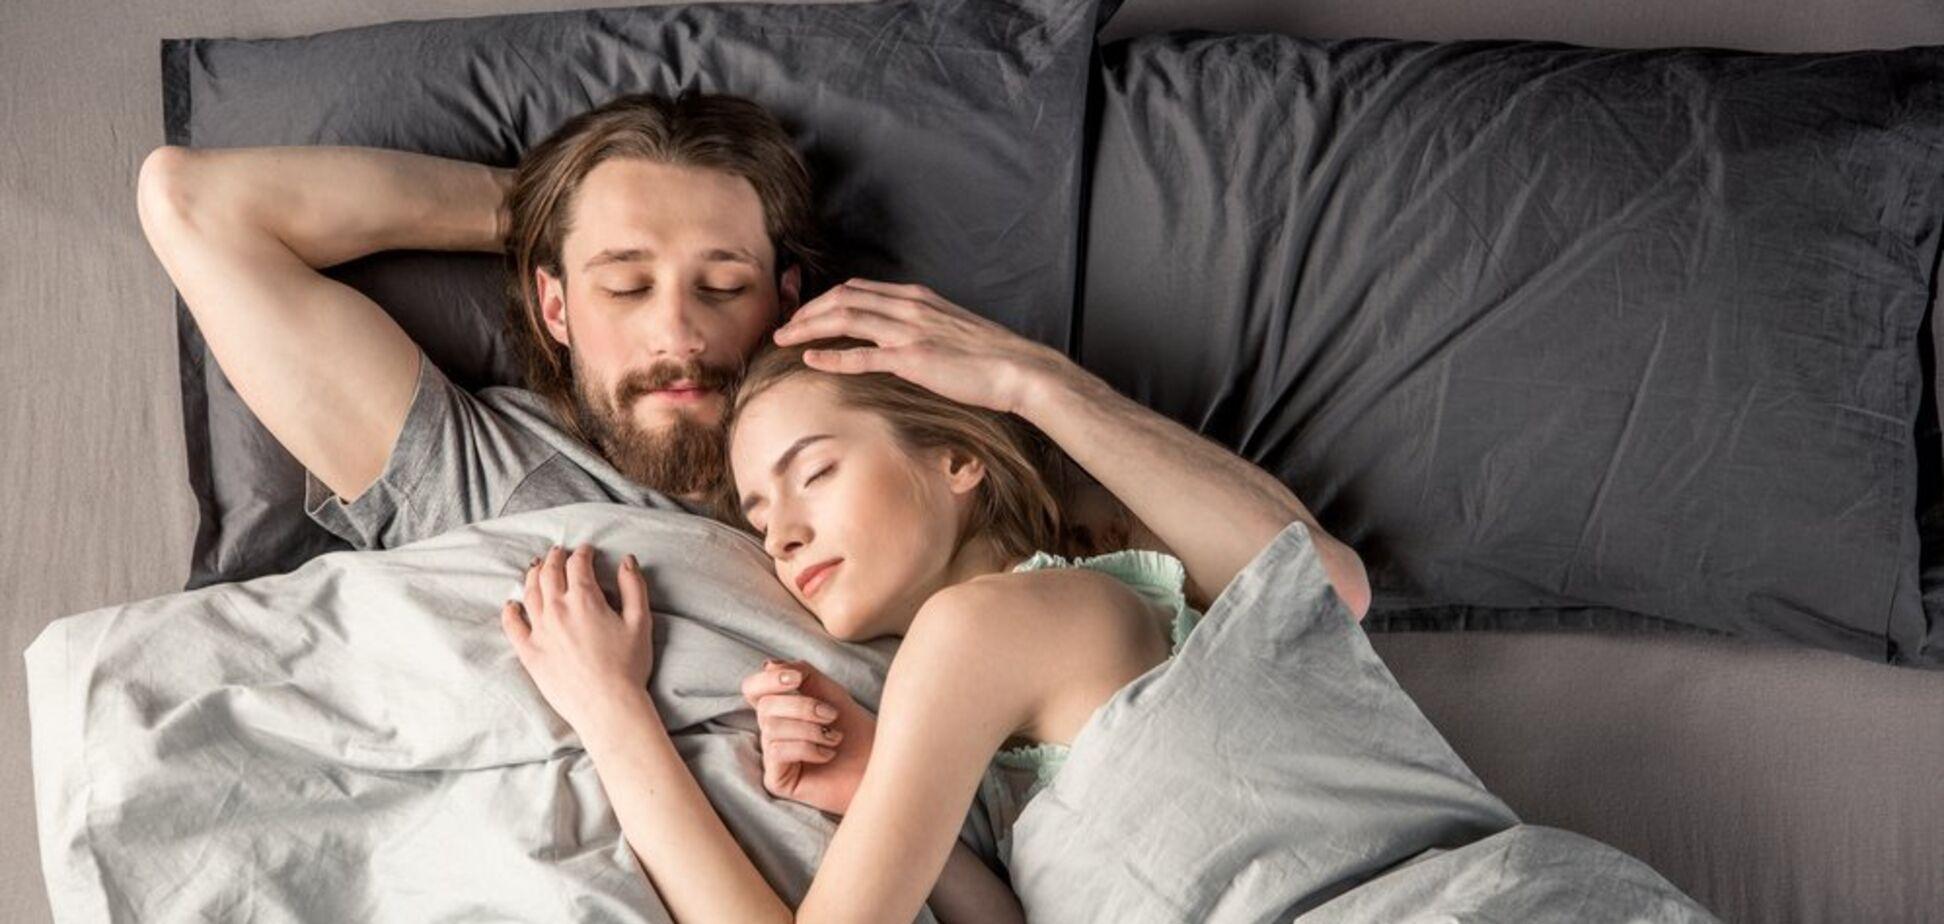 Спіть поруч! Психолог розкрив секрет щасливих стосунків